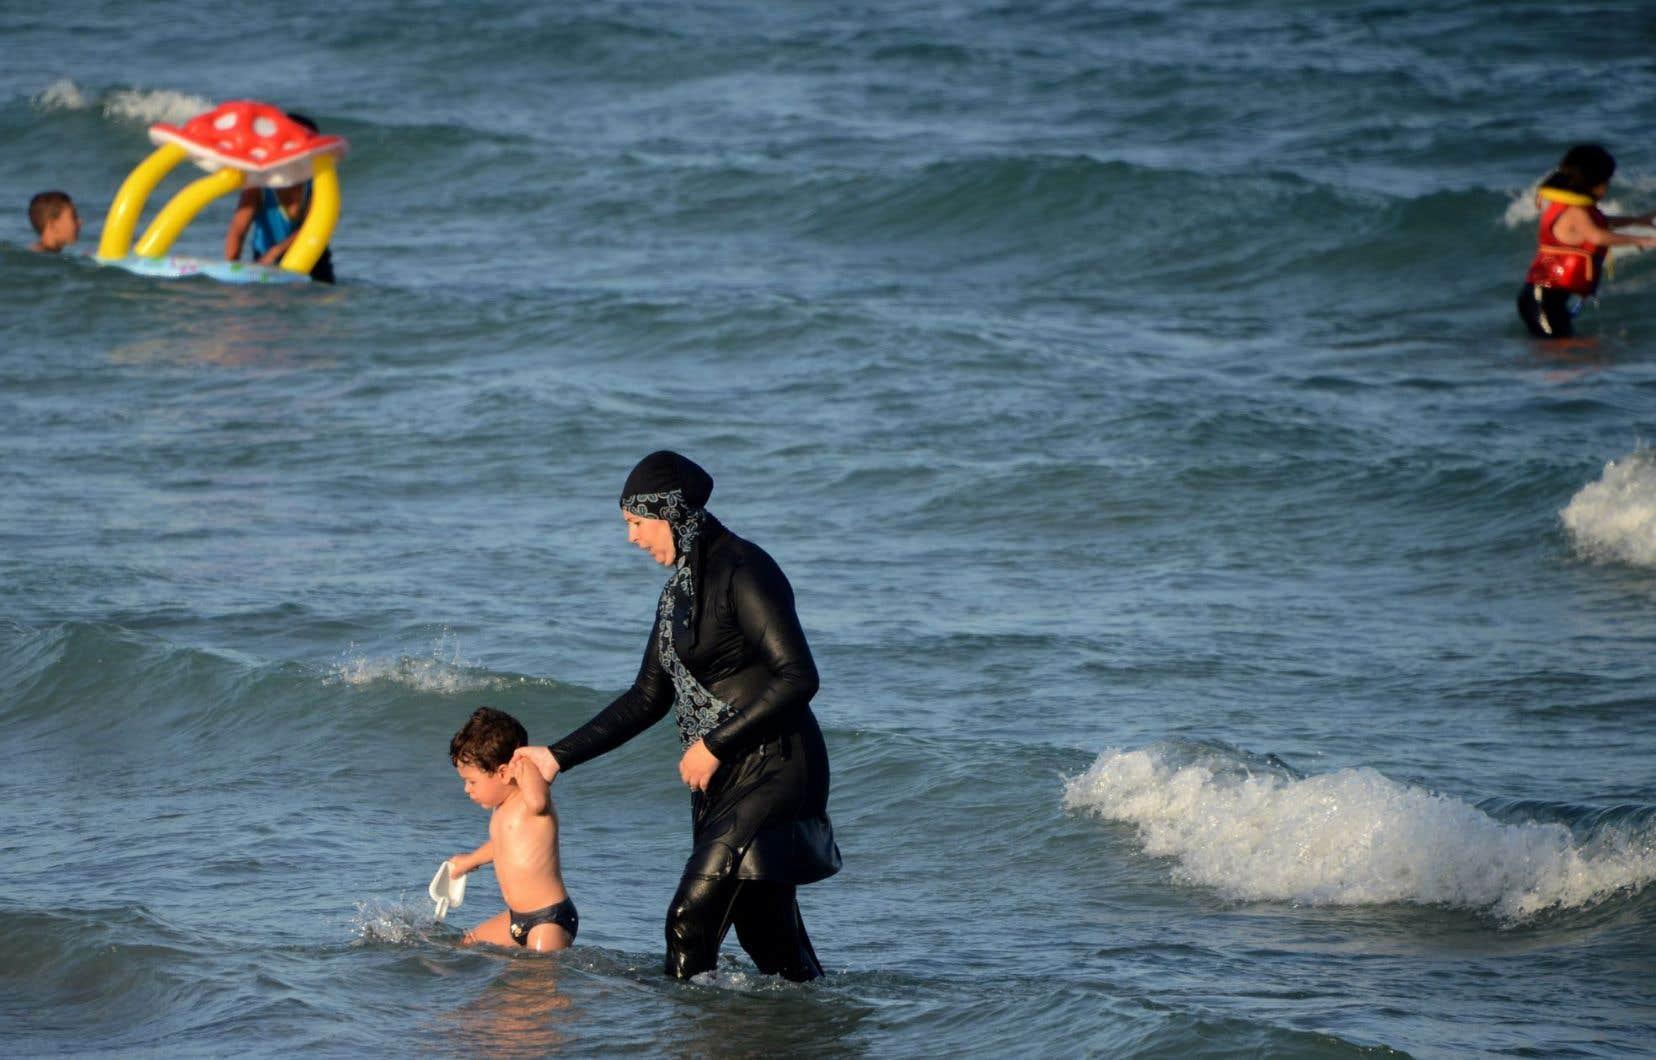 La ministre Vallée ne croit pas que le burkini, contraction de burqa et de bikini, soit très fréquent au Québec. Ci-dessus, une femme et son enfant sur une plage de Tunisie.